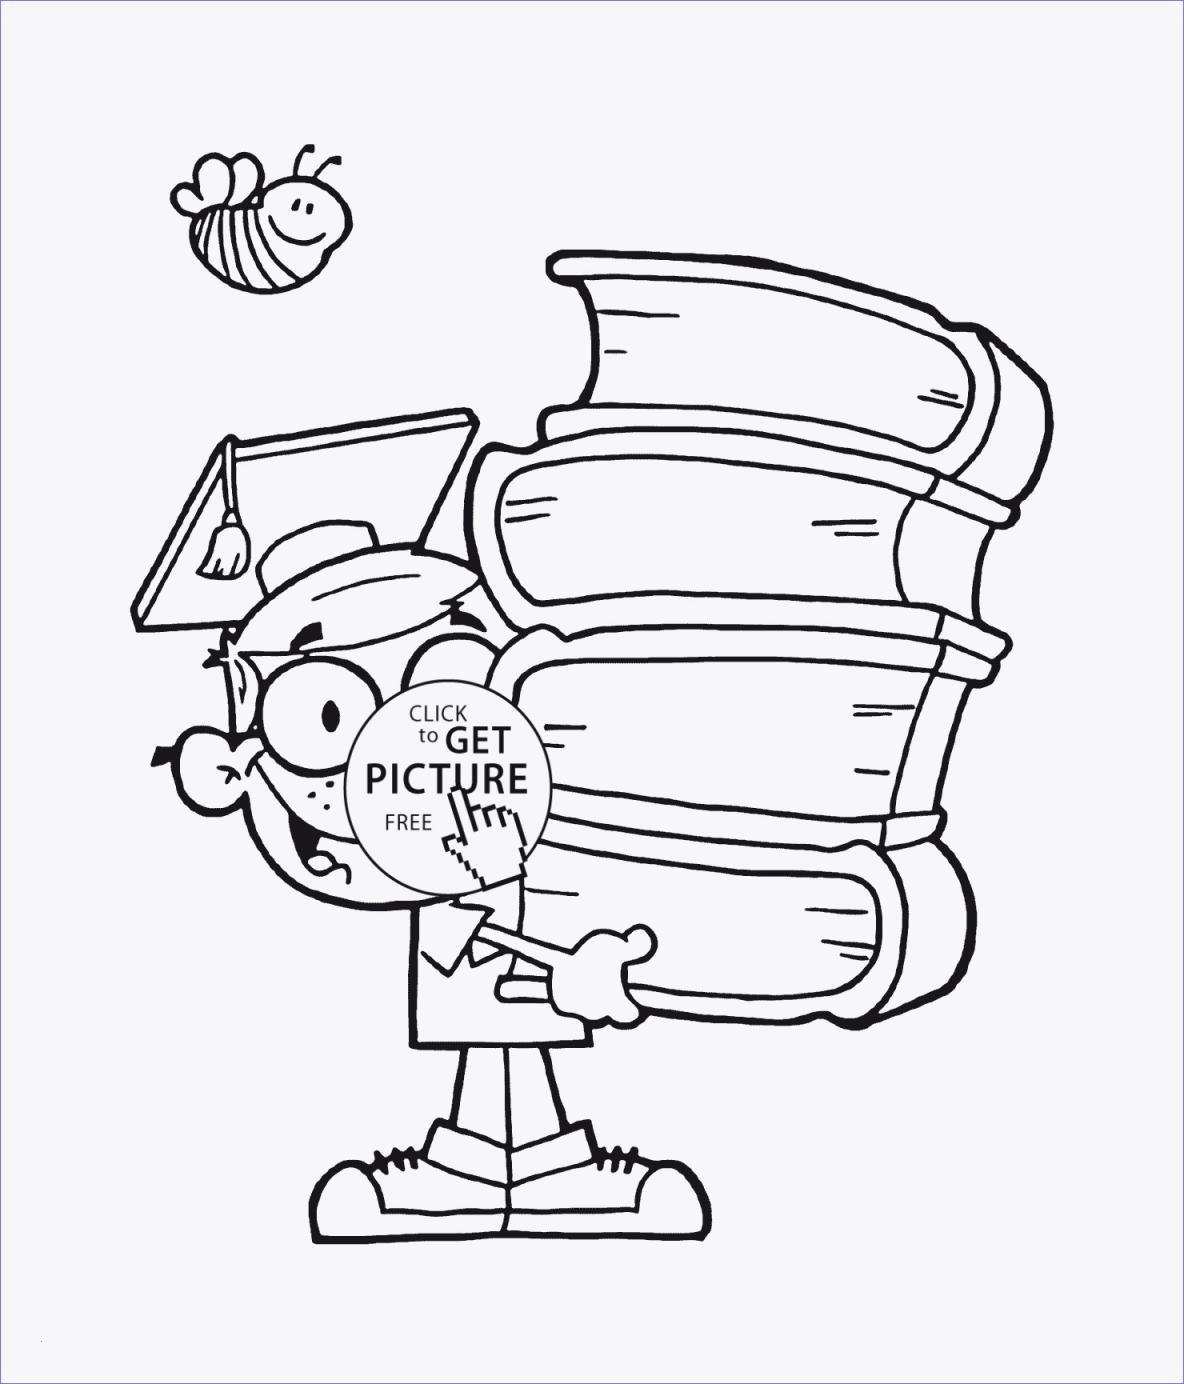 Auto Malvorlage Einfach Das Beste Von Malvorlagen Igel Frisch Igel Grundschule 0d Archives Uploadertalk Das Bild